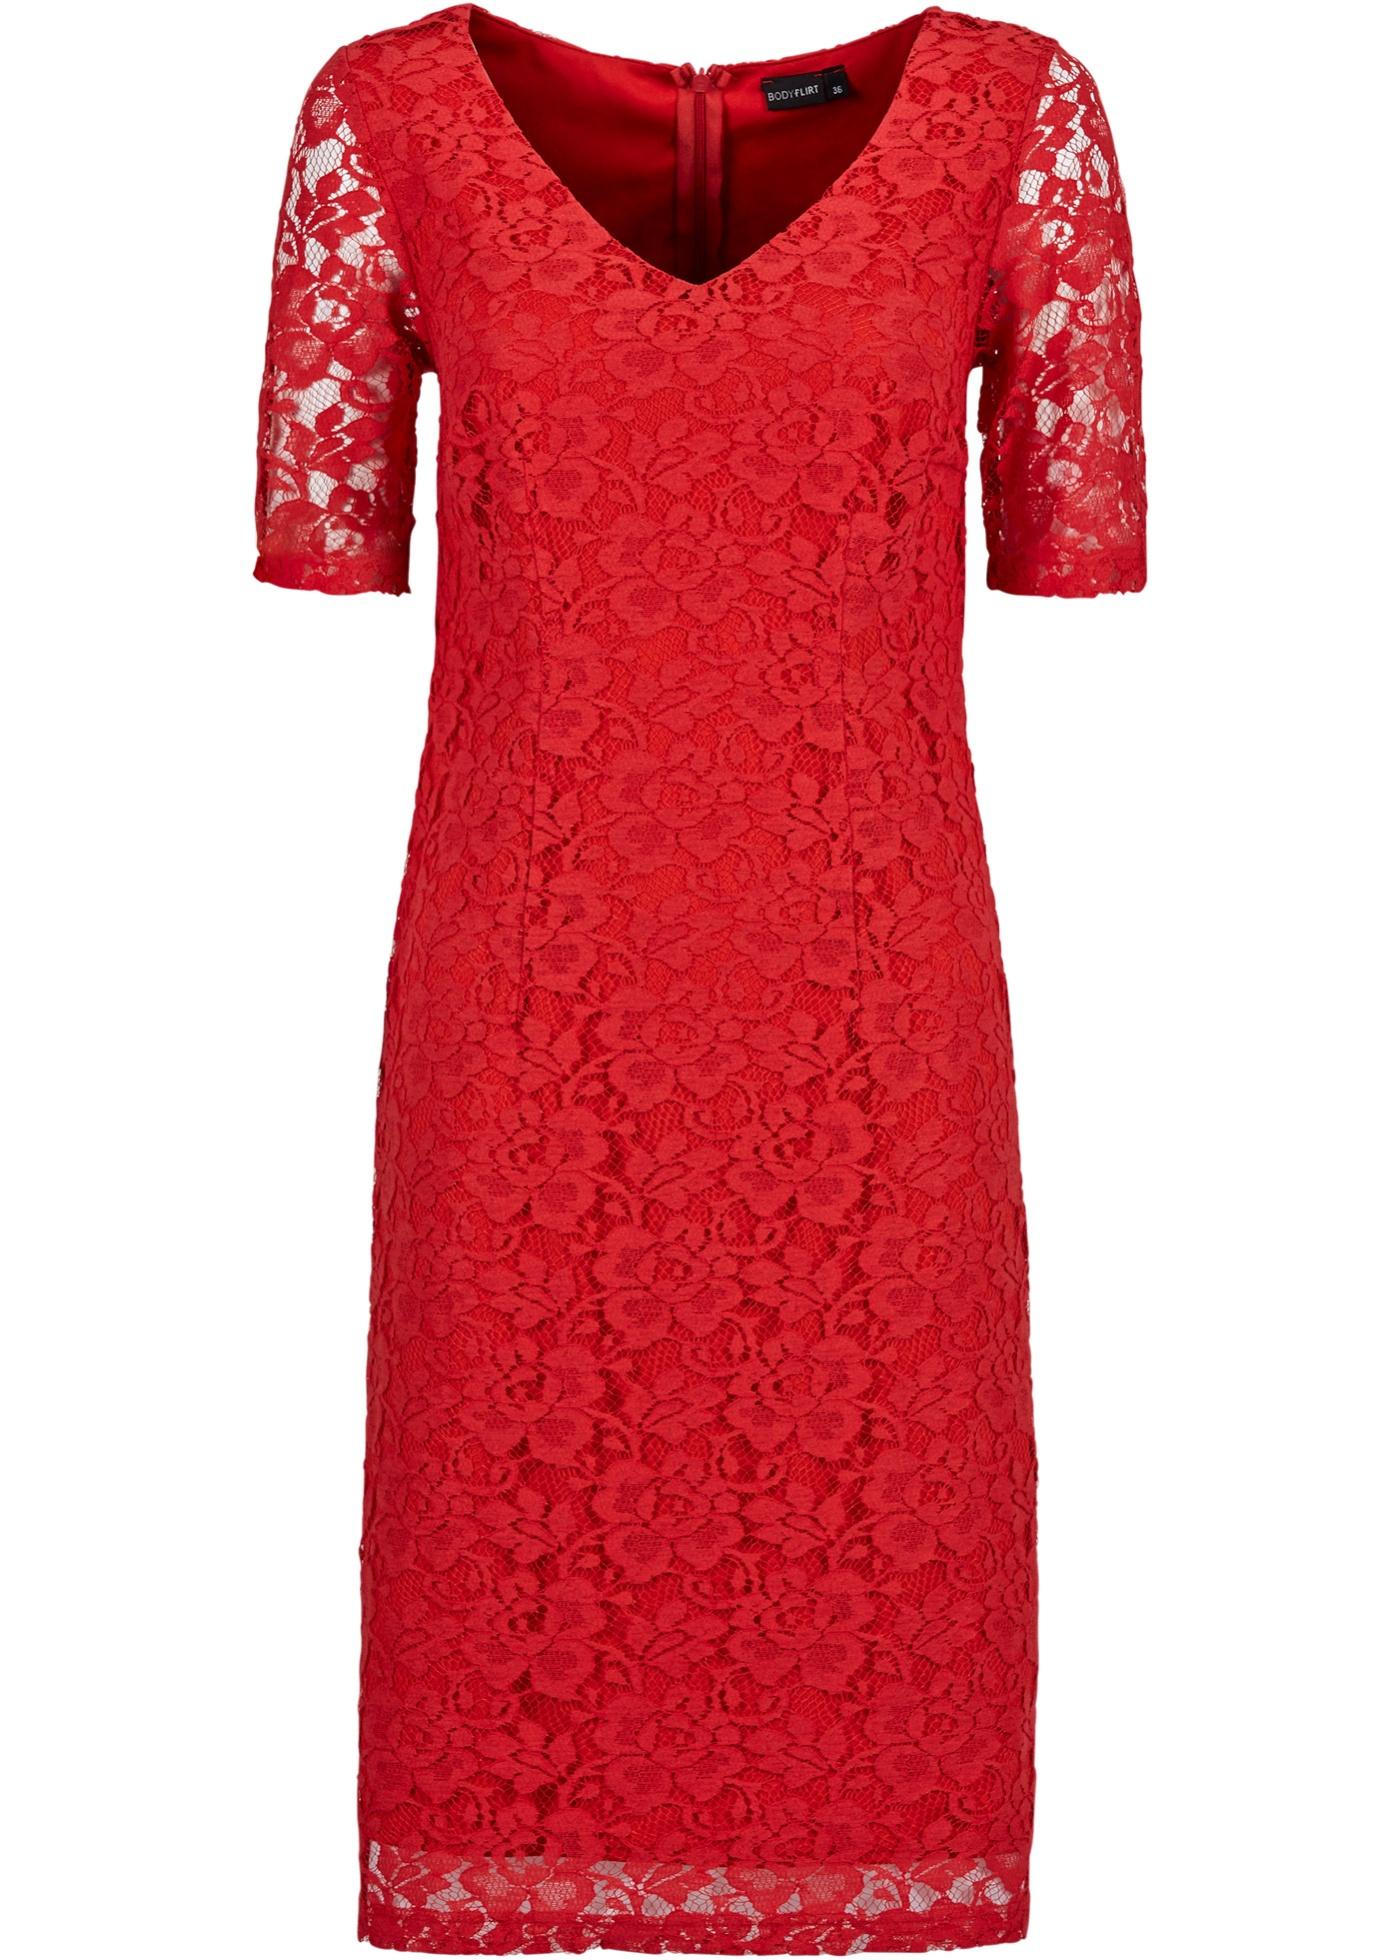 Spetsklänning, BODYFLIRT, röd